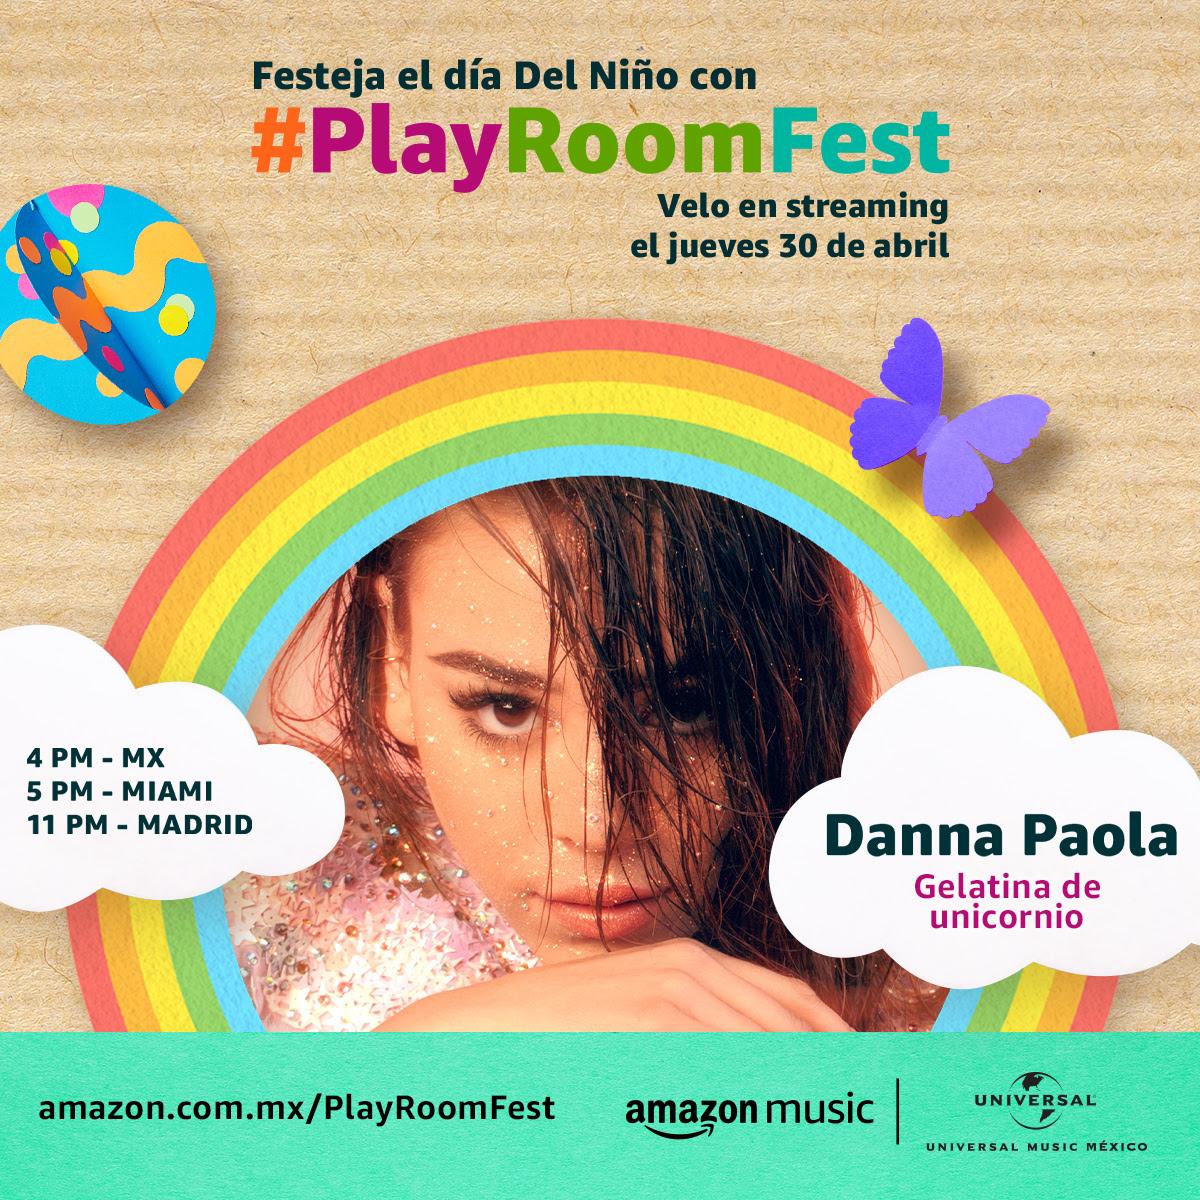 Danna Paola mostrará una Gelatina de unicornio en #PlayRoomFest.